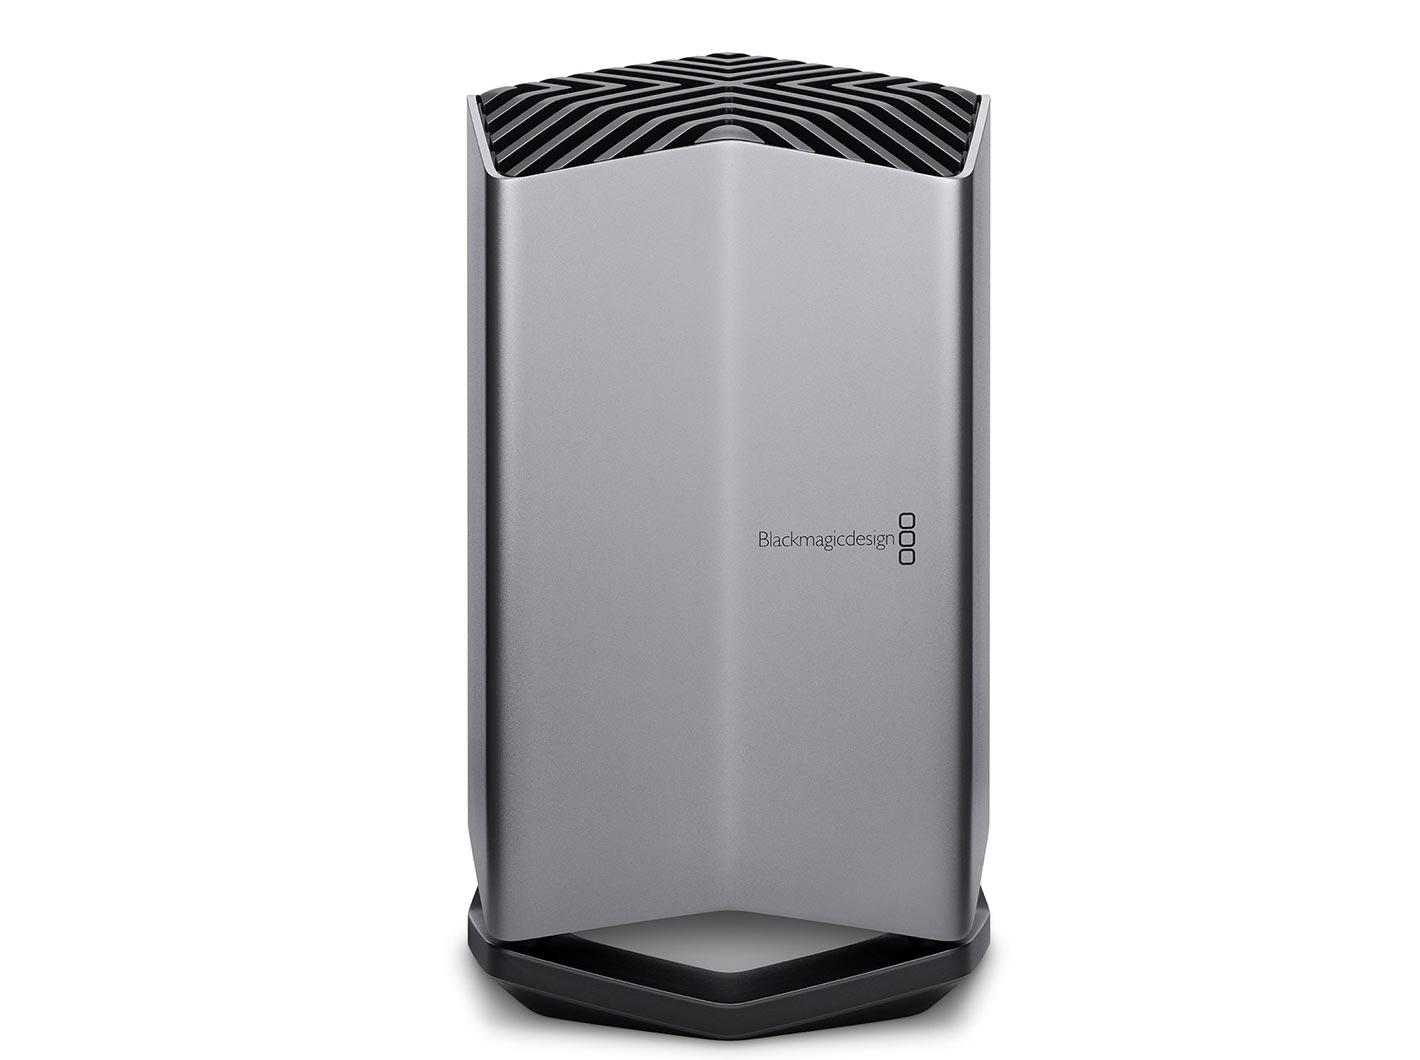 Apple公式サイト、Radeon Pro 580グラフィックプロセッサを搭載した「Blackmagic eGPU」の販売を開始